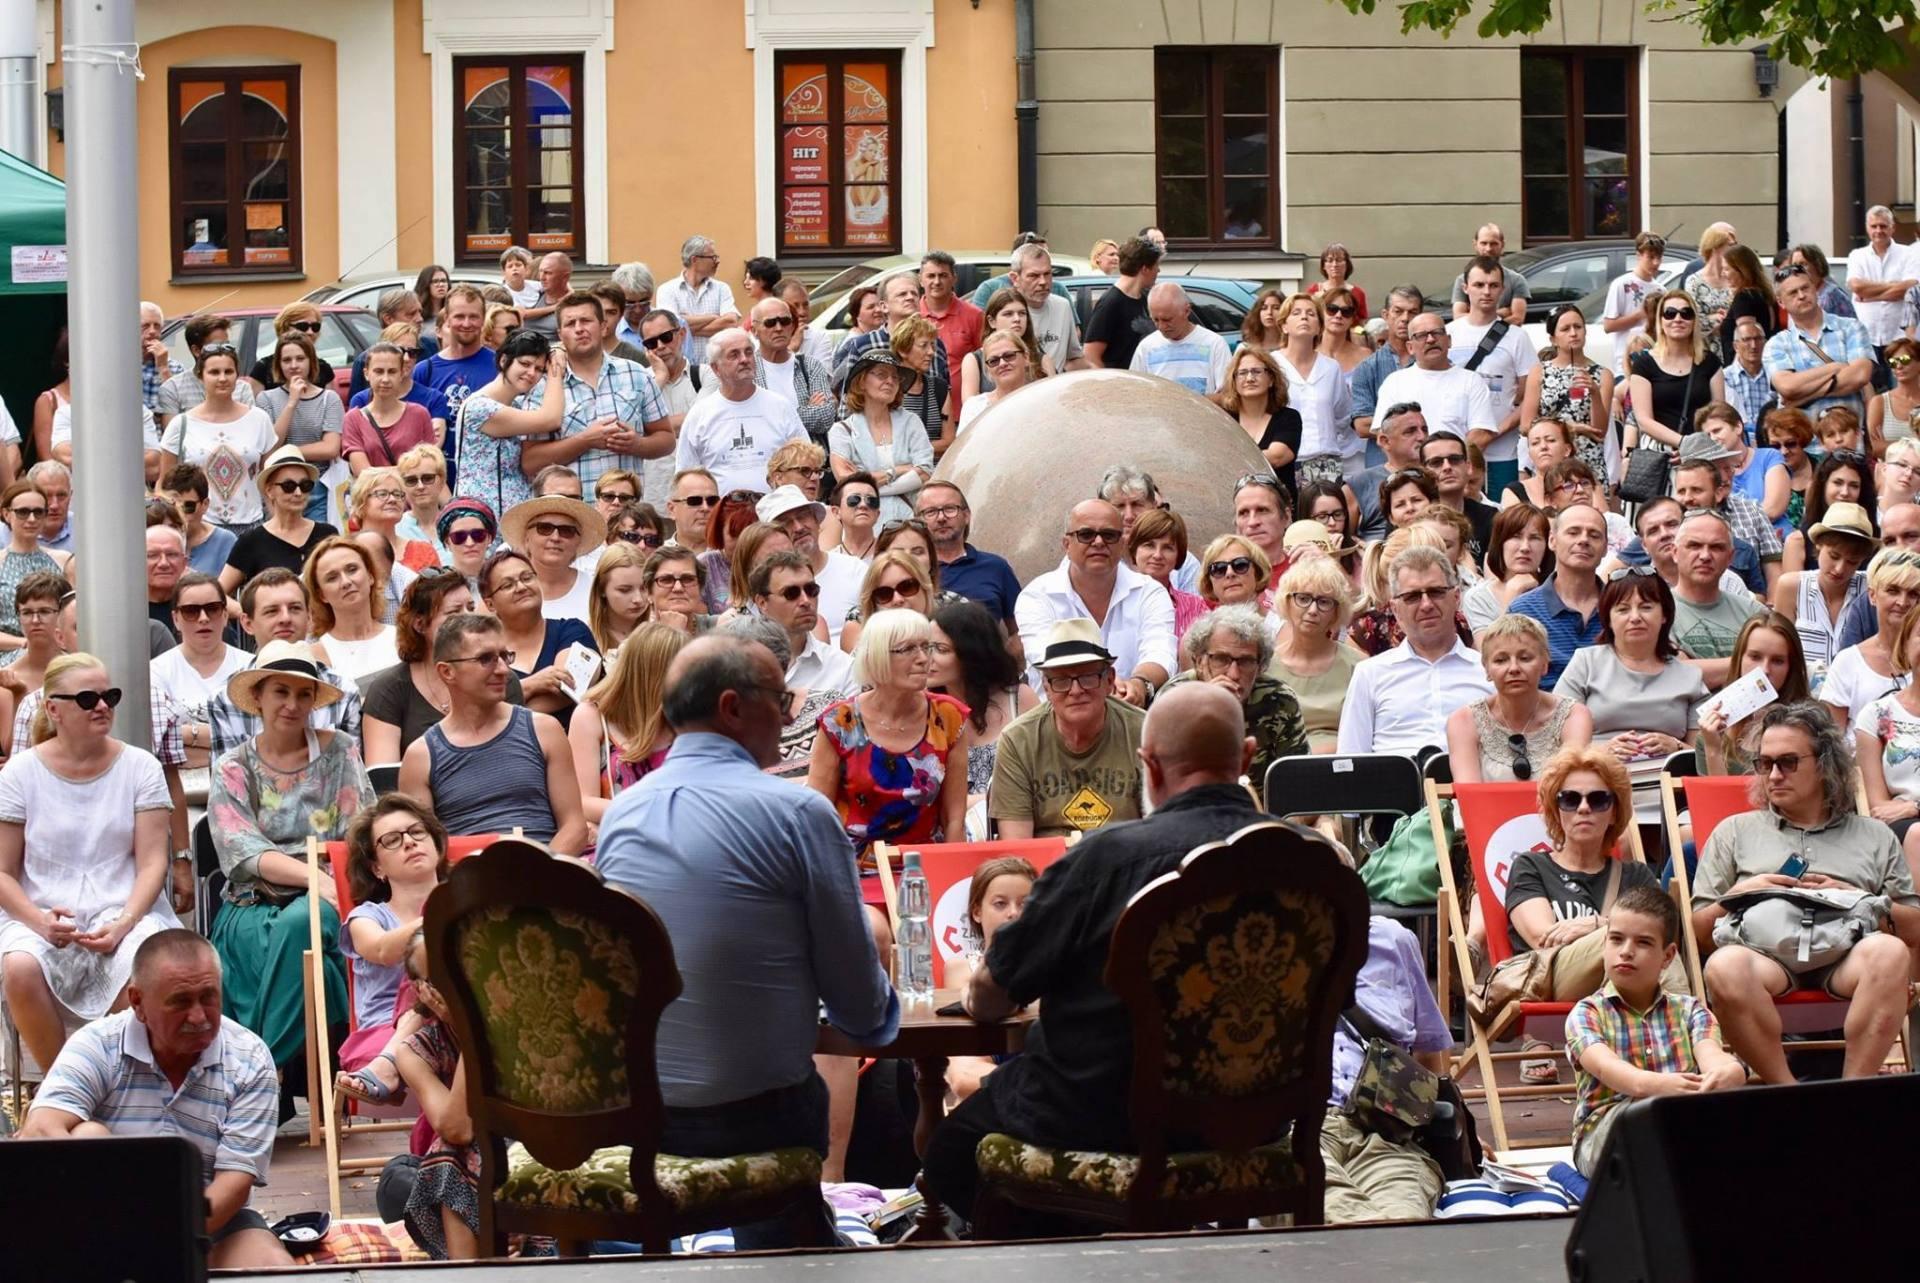 20645378 1968902783379849 1683585587683662841 o Festiwal Stolica Języka Polskiego. Literackie Święto rozpocznie się w Zamościu. Co zaplanowano?